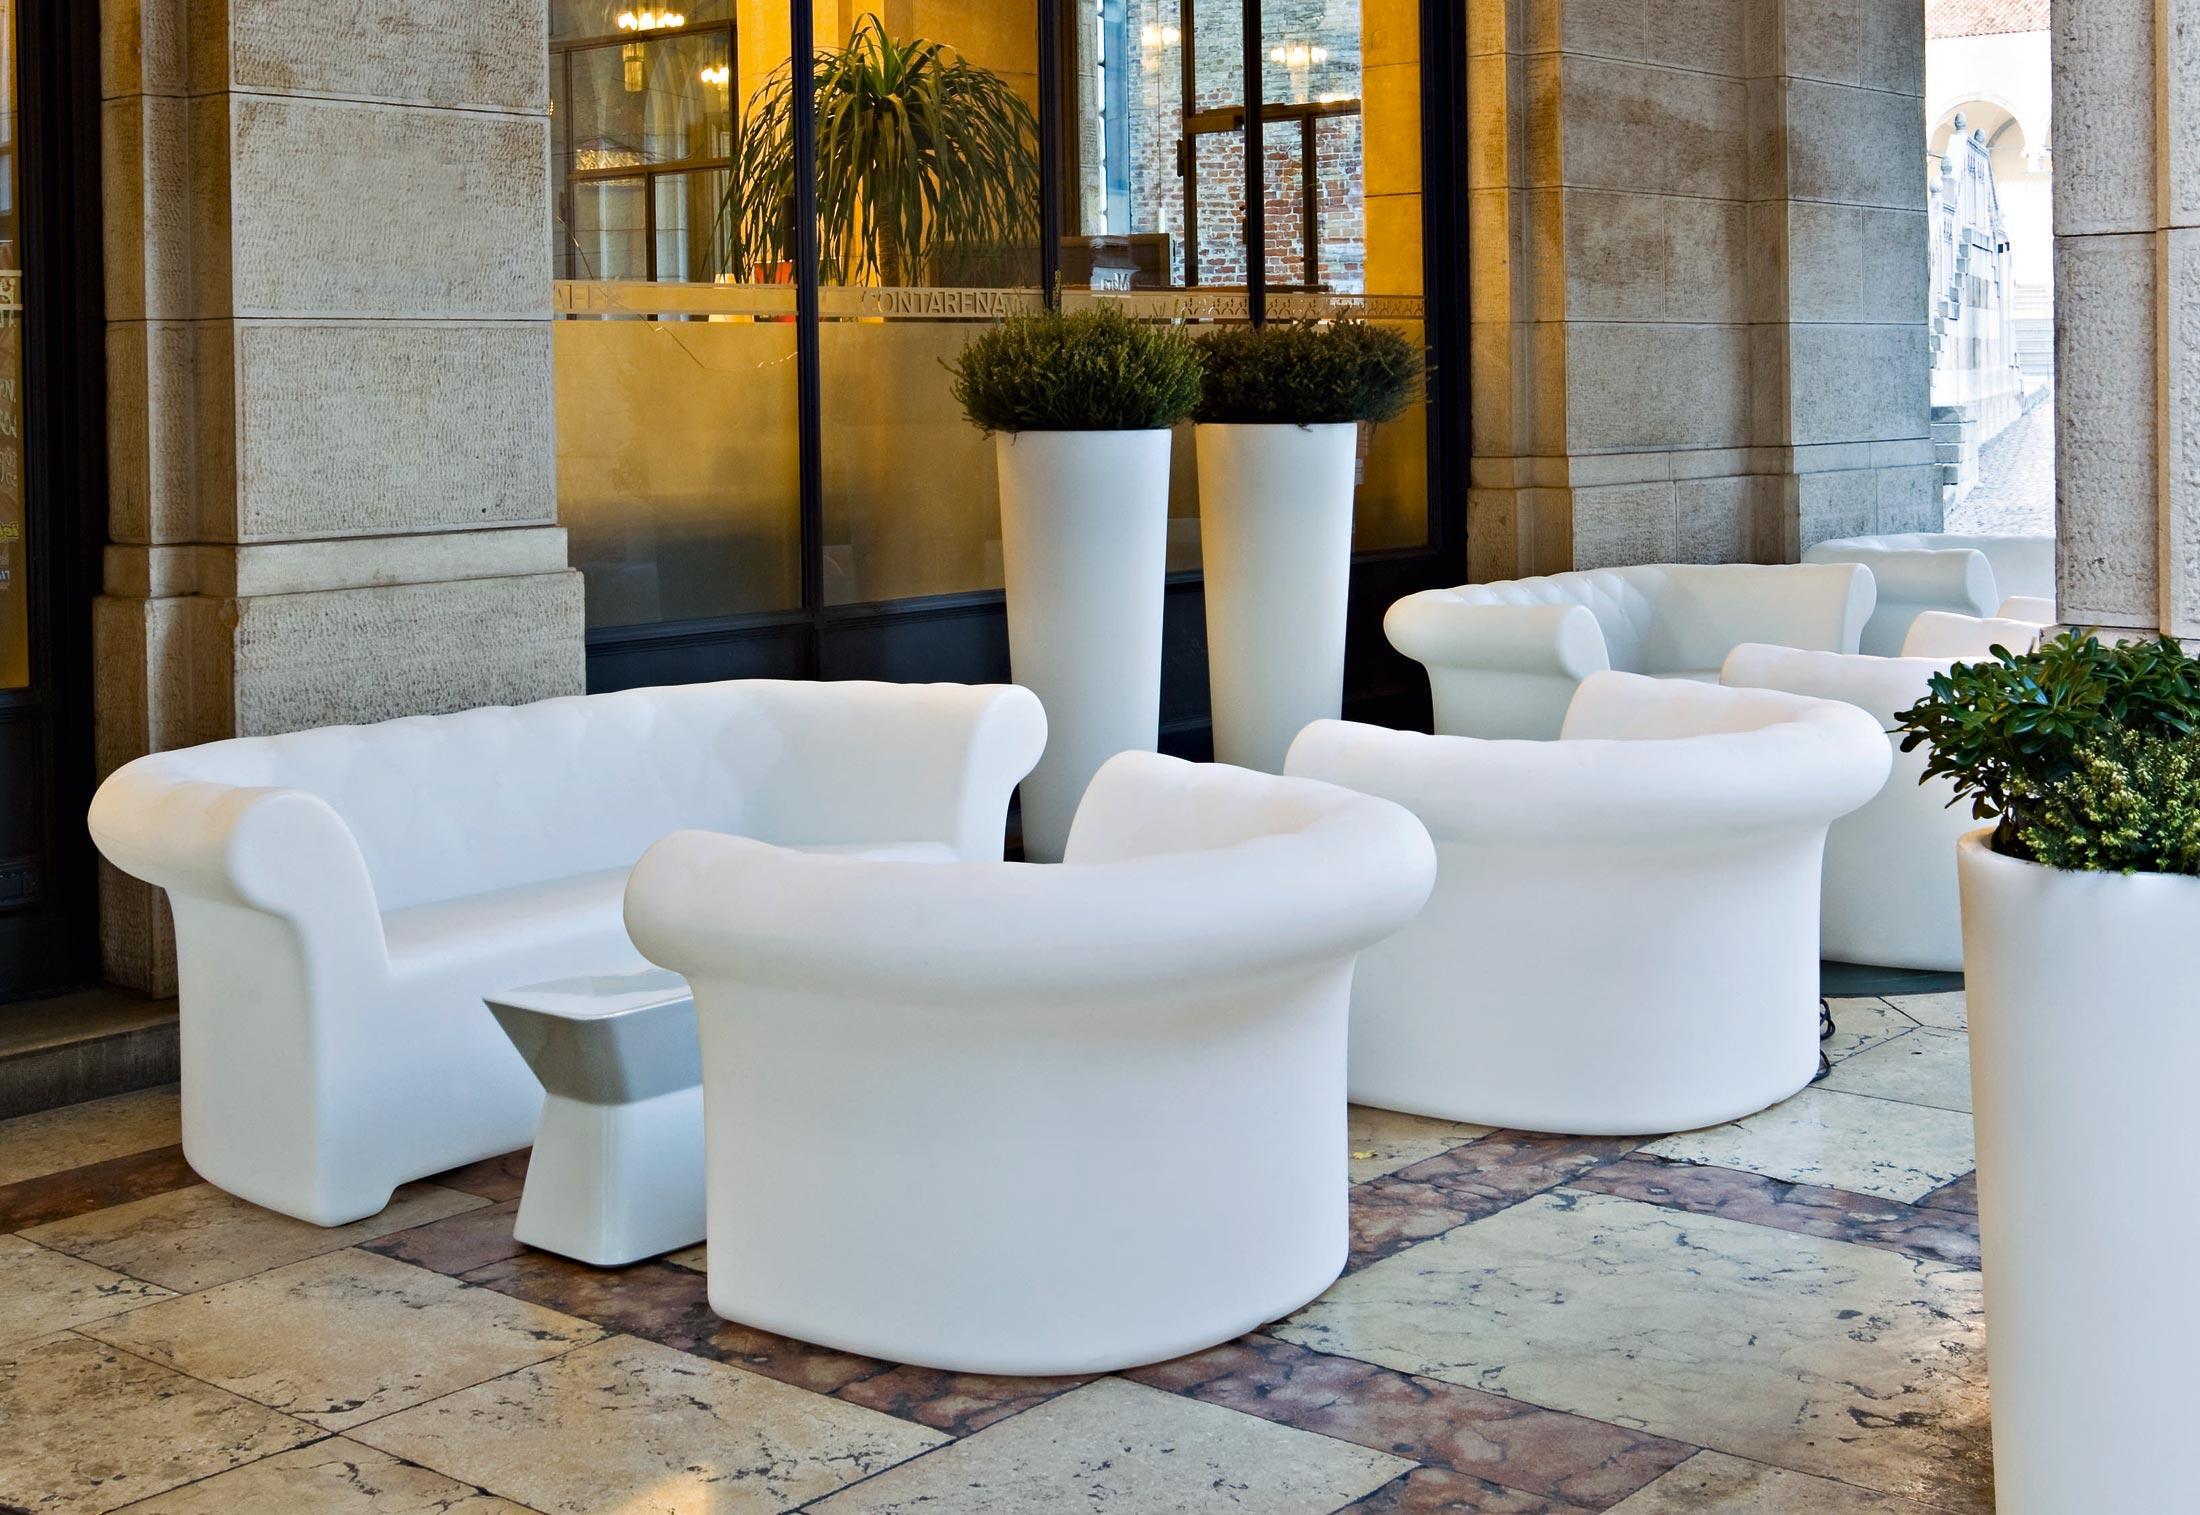 Sirchester divano von serralunga stylepark for Poltrone per esterno